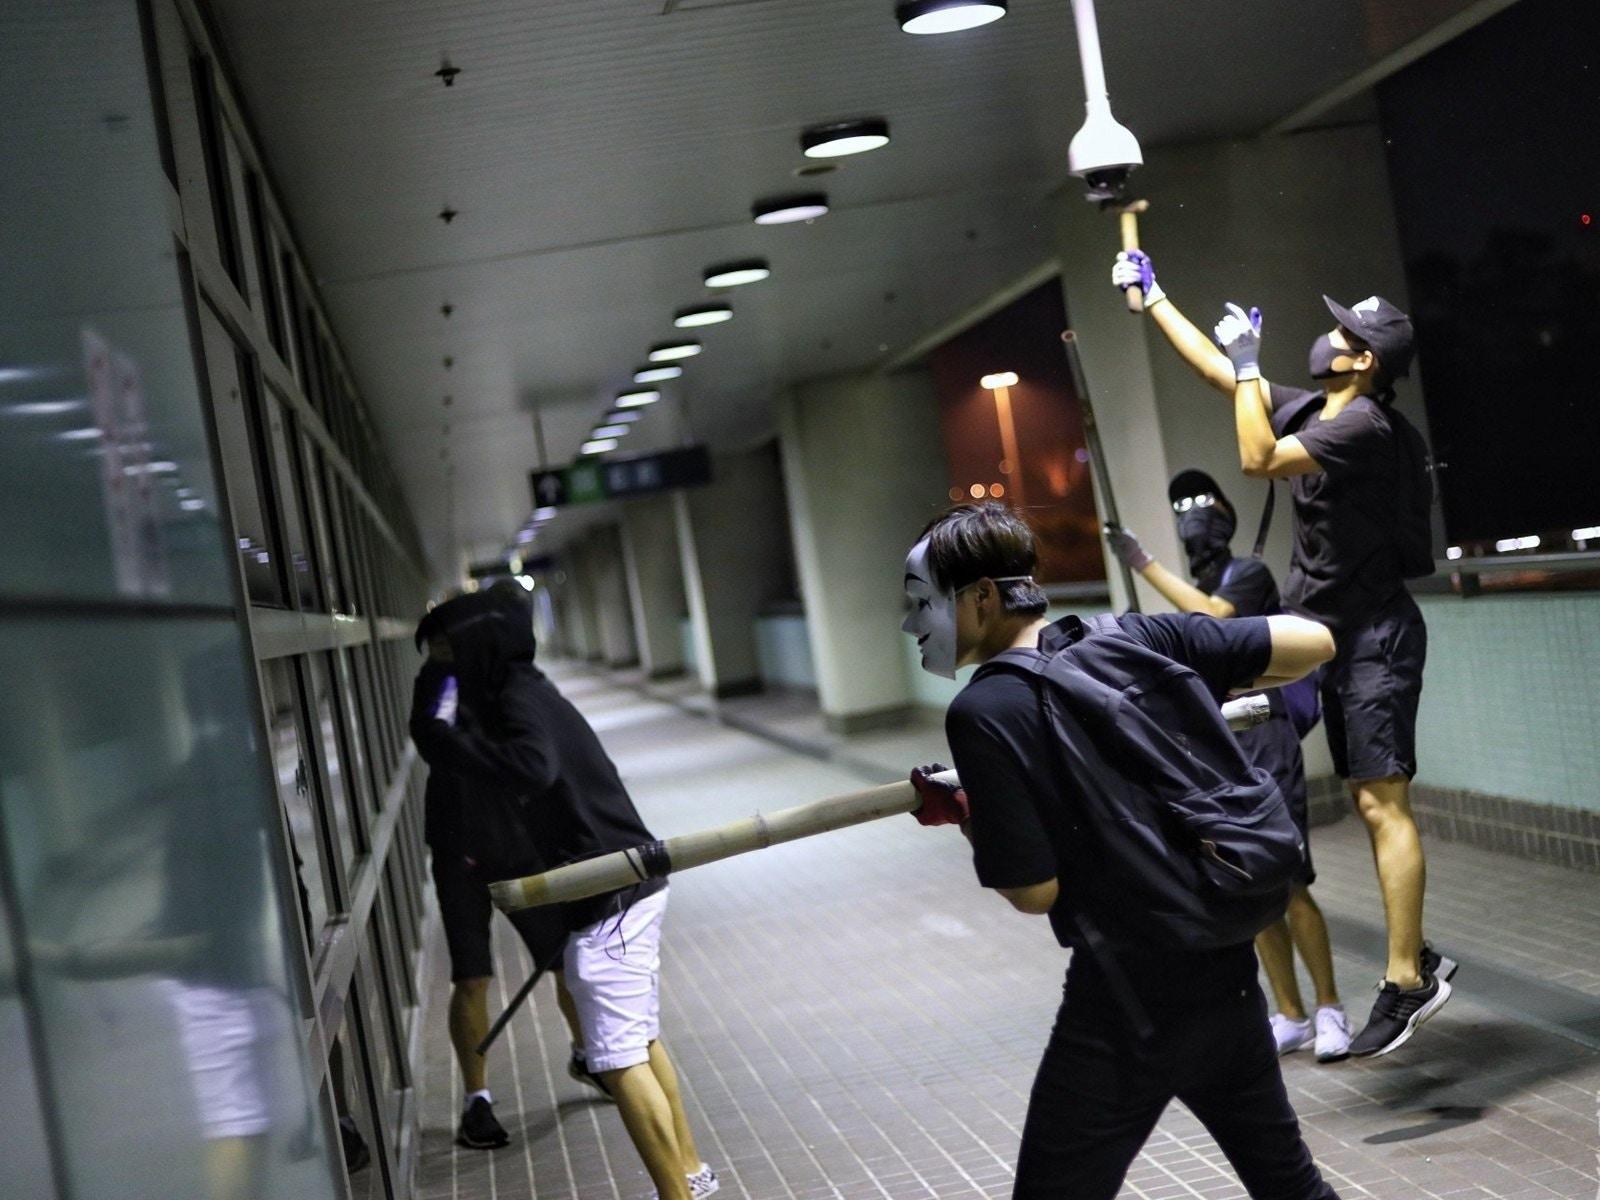 胡錫進再訪港 指香港局勢有兩個發展方向[圖]_中國-多維新聞網